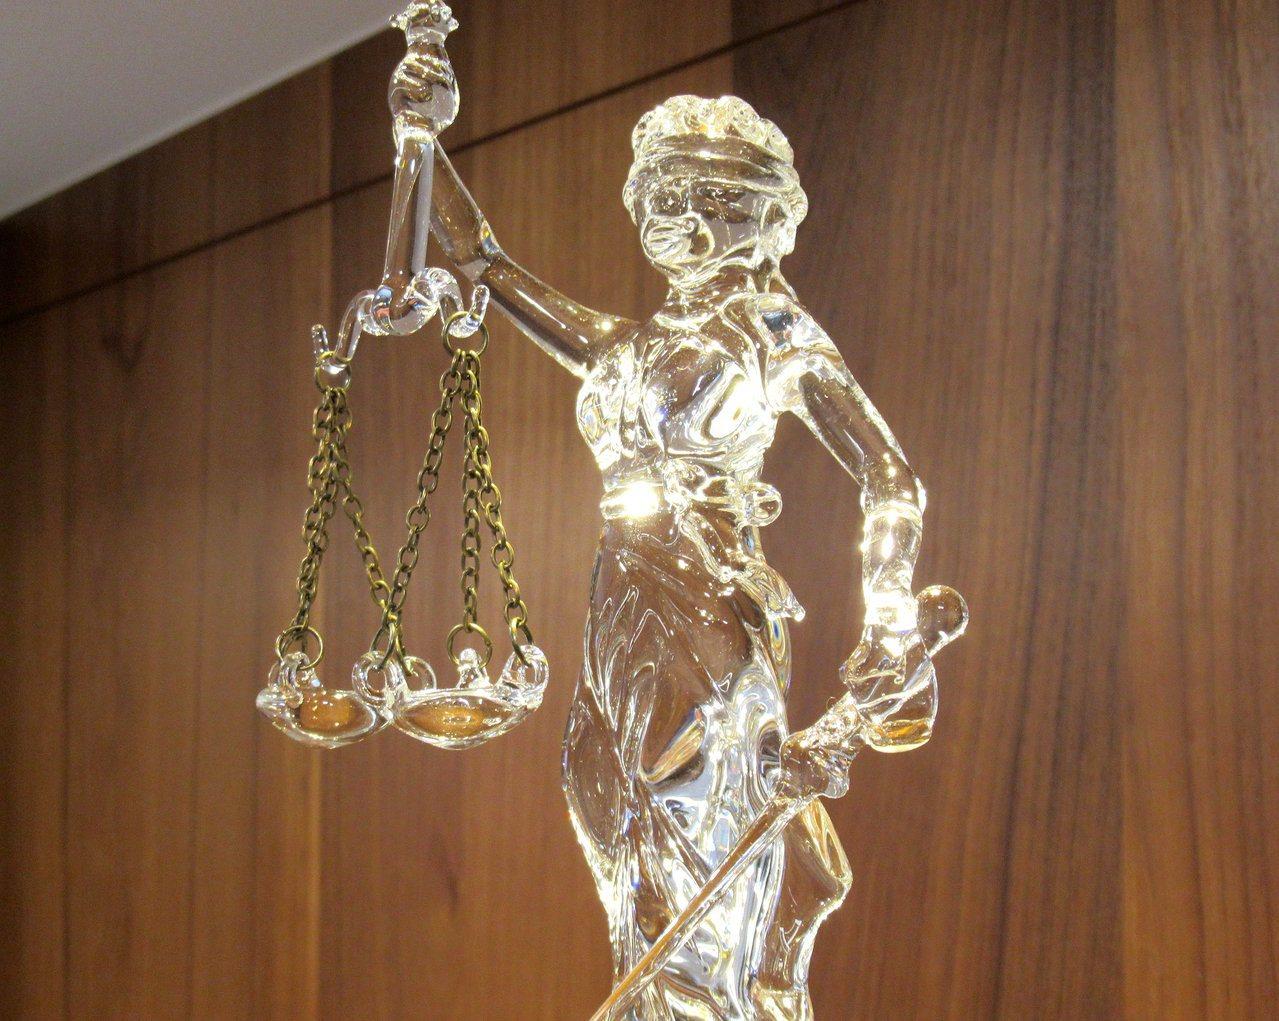 民眾涉訟,最在意判決結果,不過進入審判後,往往是漫長的等待。審判程序冗長,不見得...